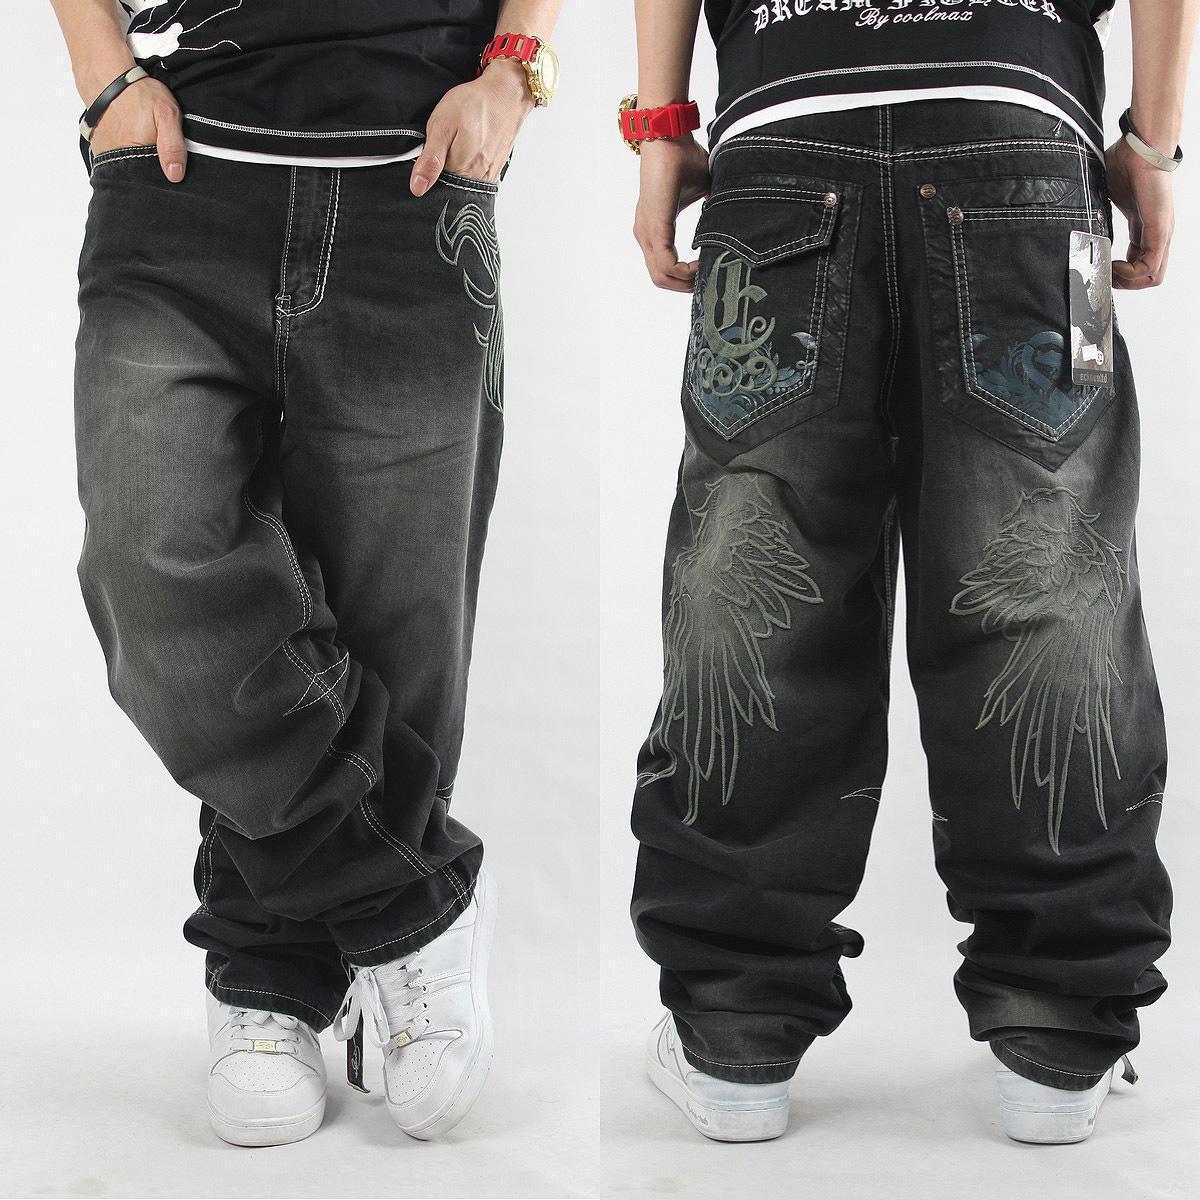 Hip Hop Baggy Jeans Black Mens Denim Loose Pants Rap Lea Orange Label Slim Fit Hitam Thintenda 2018 Fashion Casu